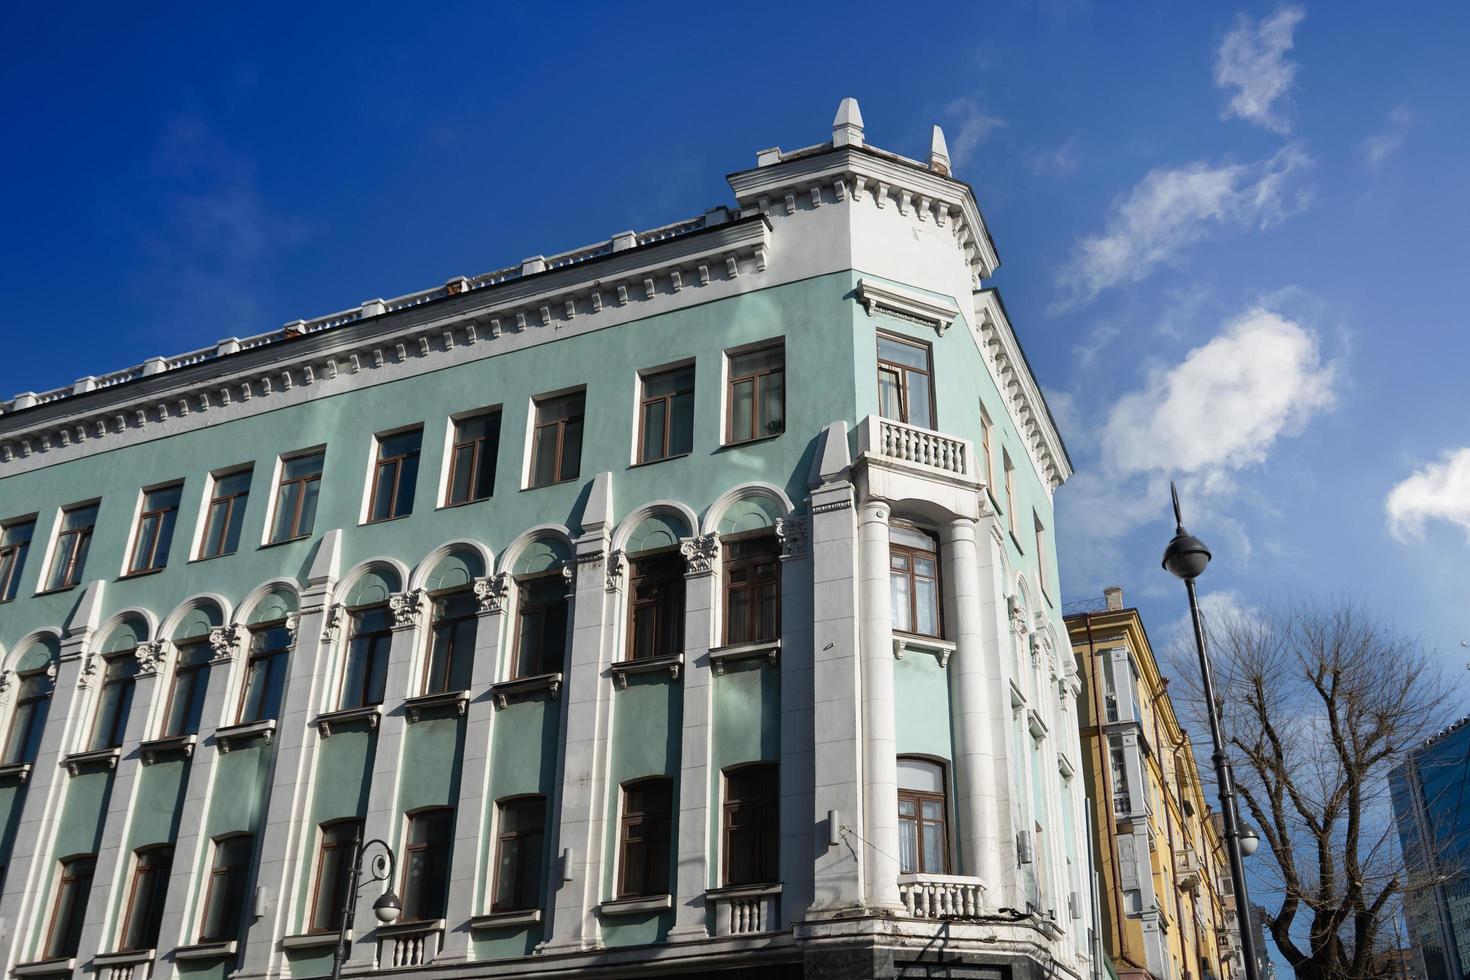 paesaggio della città con vista di un vecchio edificio. vladivostok foto